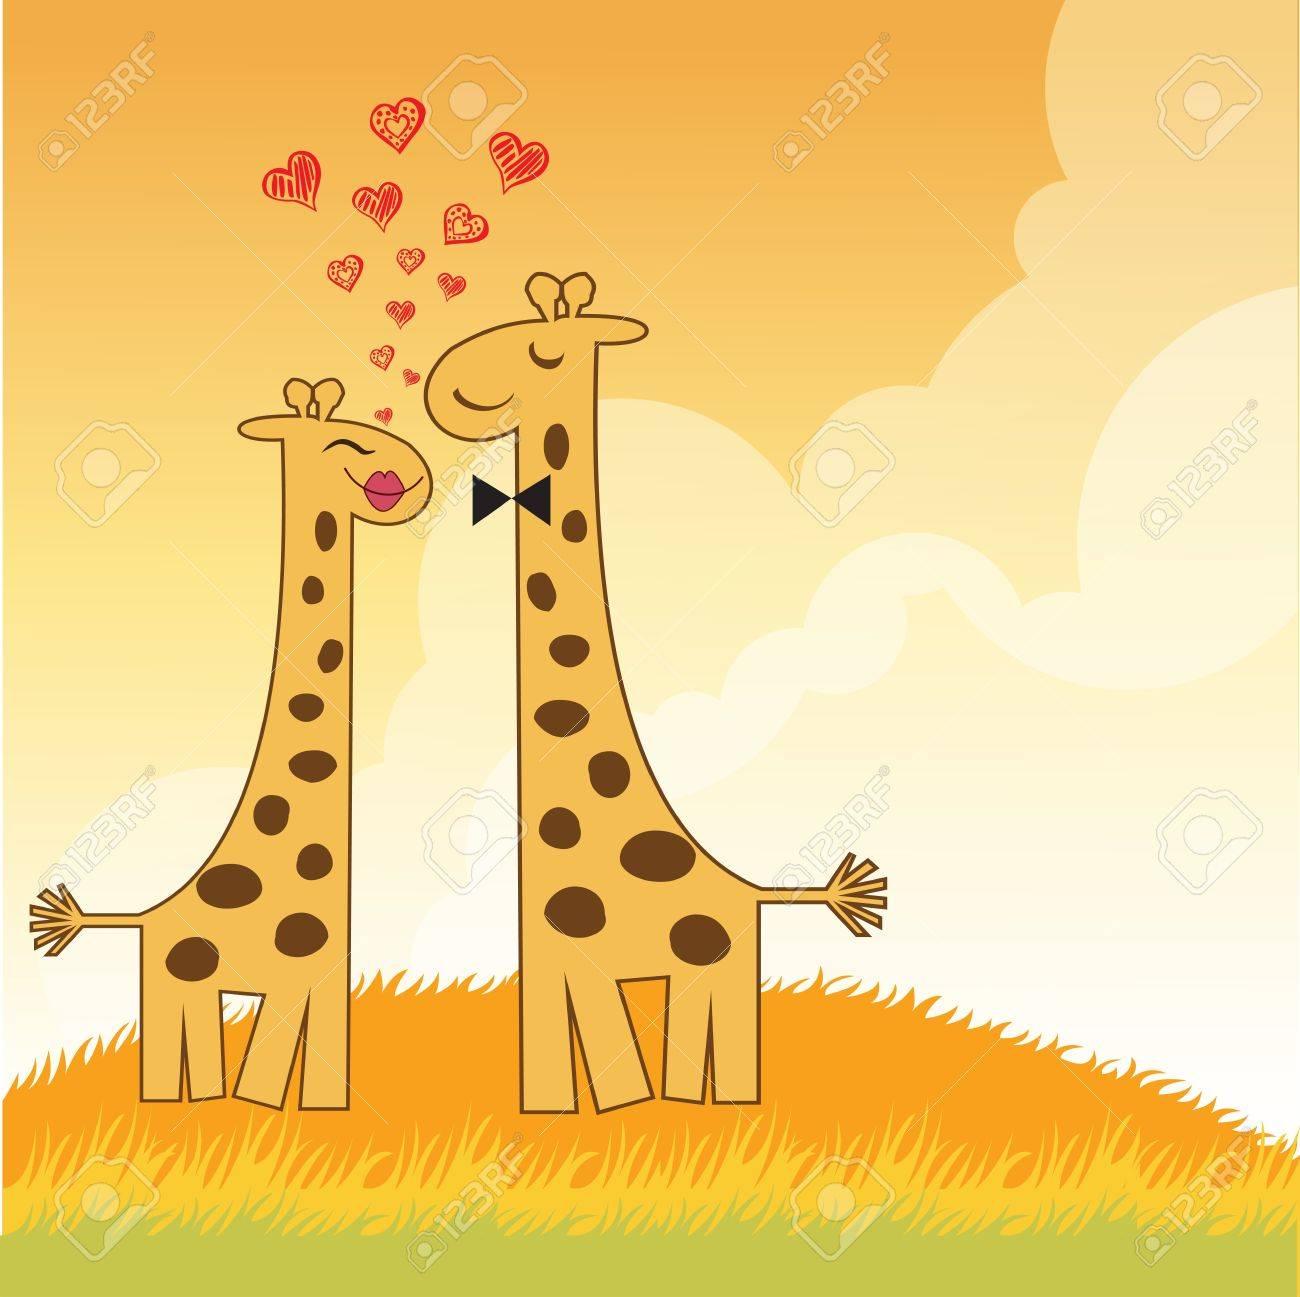 Funny giraffe couple in love Stock Vector - 14771060